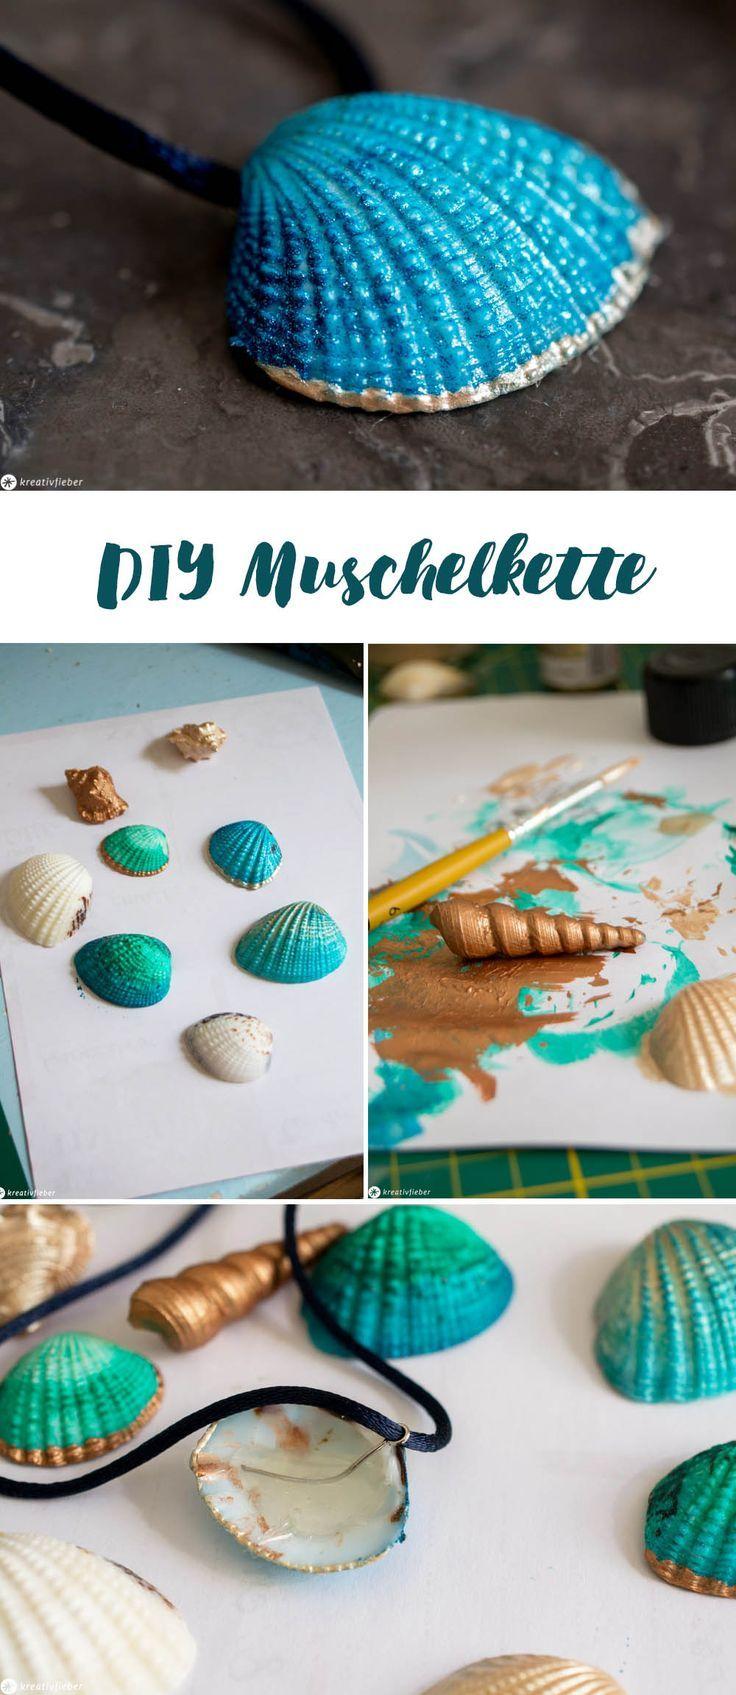 DIY Muschelkette selbermachen - Meerjungfrau Party #diyschmuck #urlaubserinnerung #mermaid #meerjungfrau